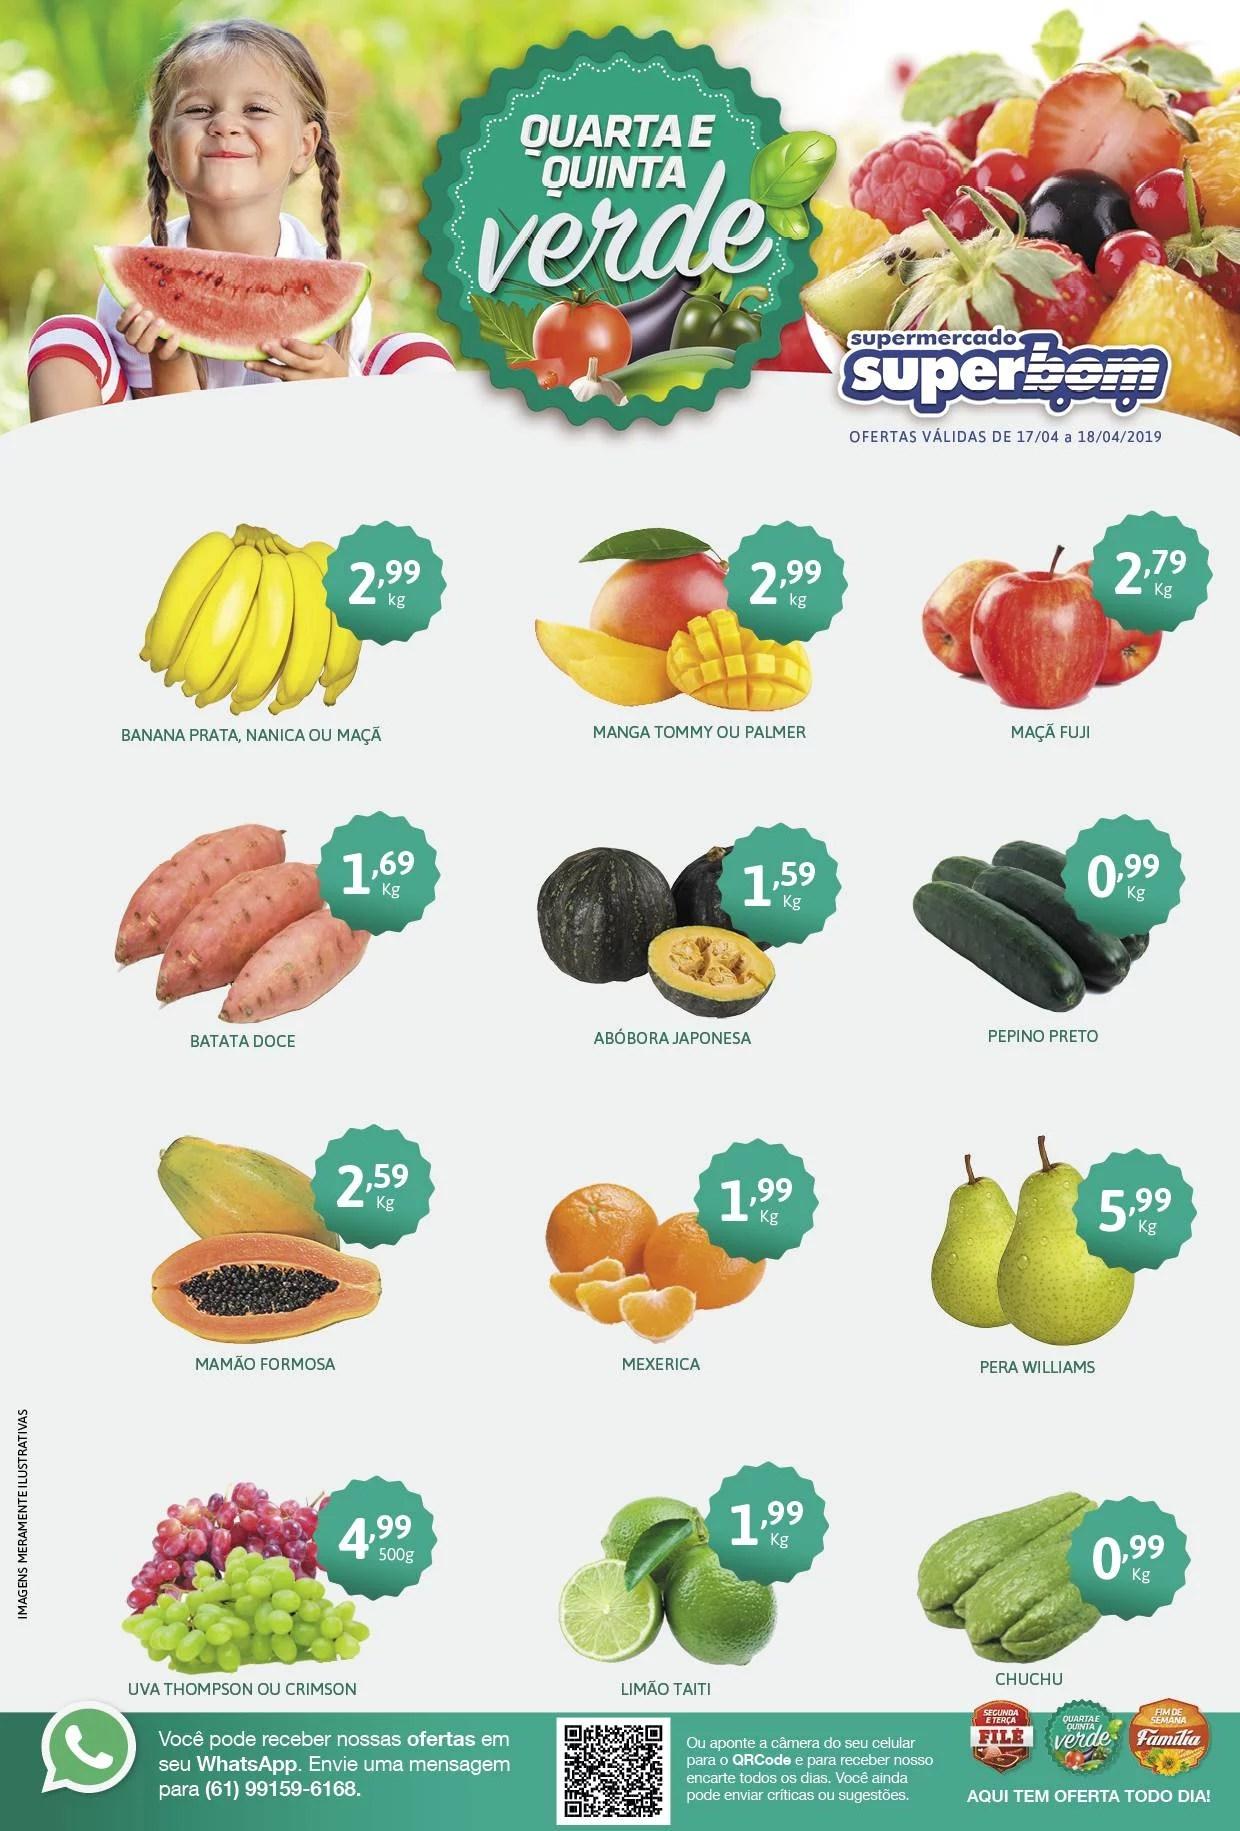 Ofertas Supermercado SuperBom58